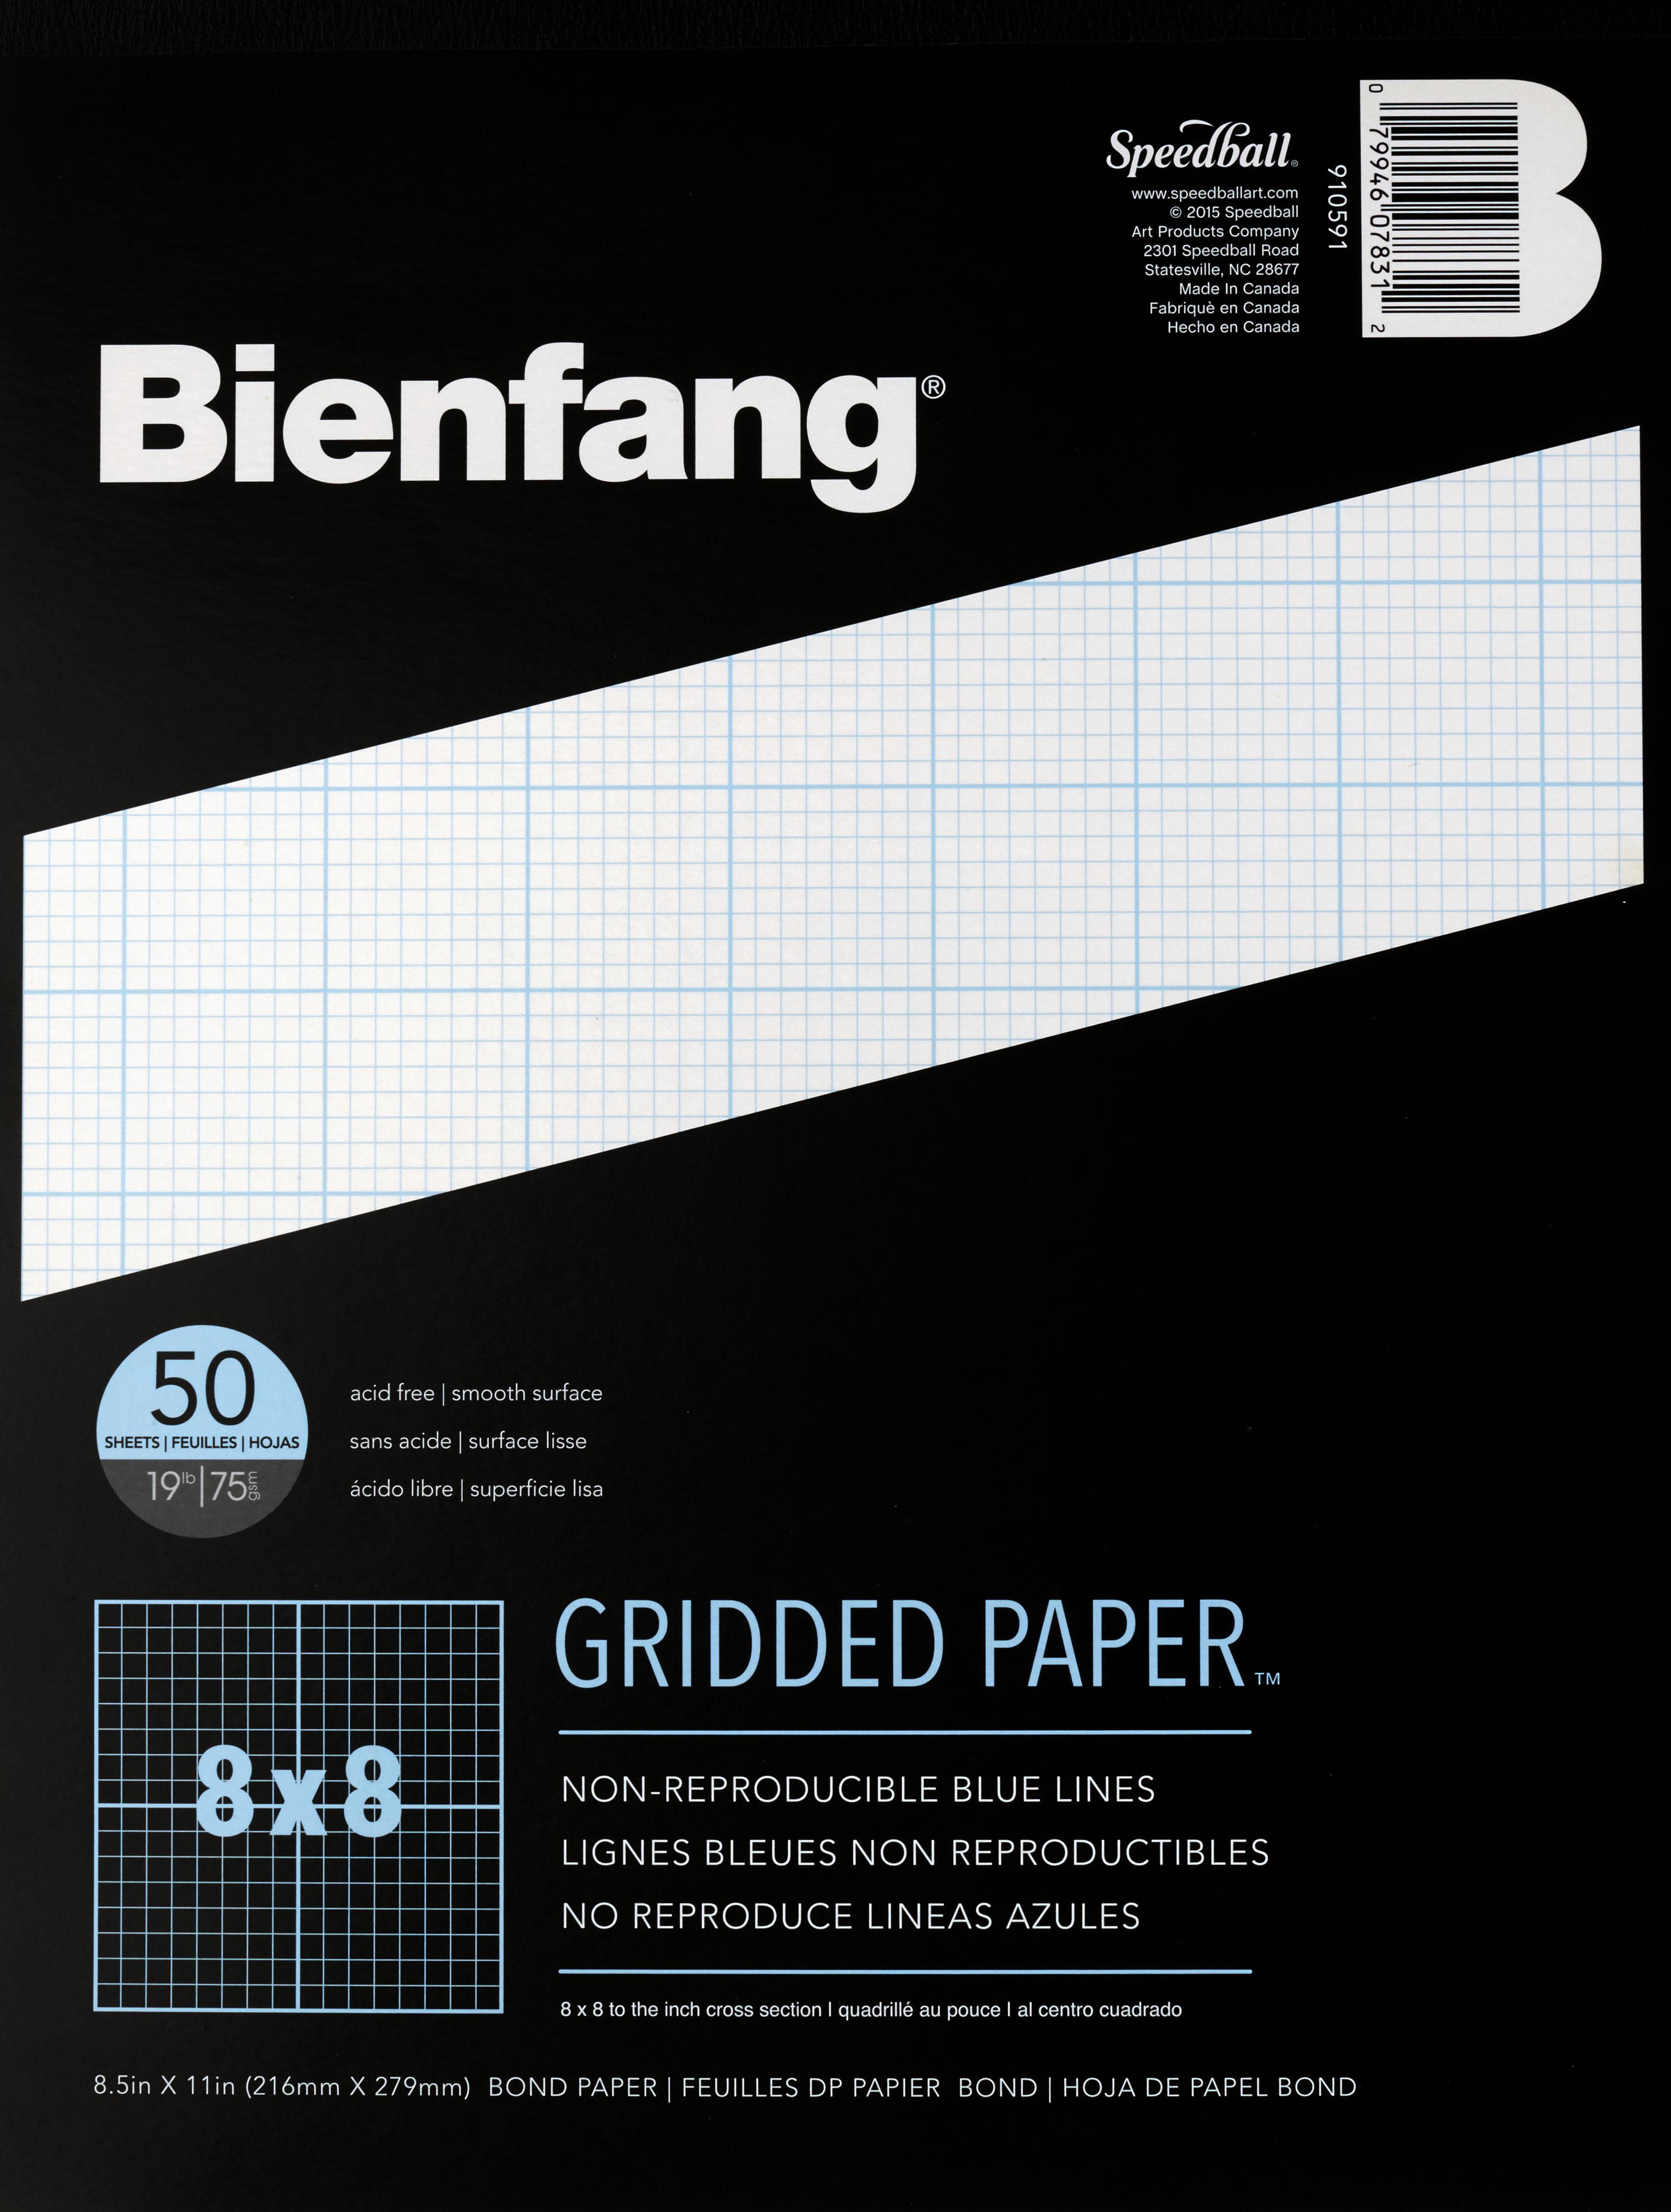 Bienfang Grid Paper Pad 8x8 Grid 8